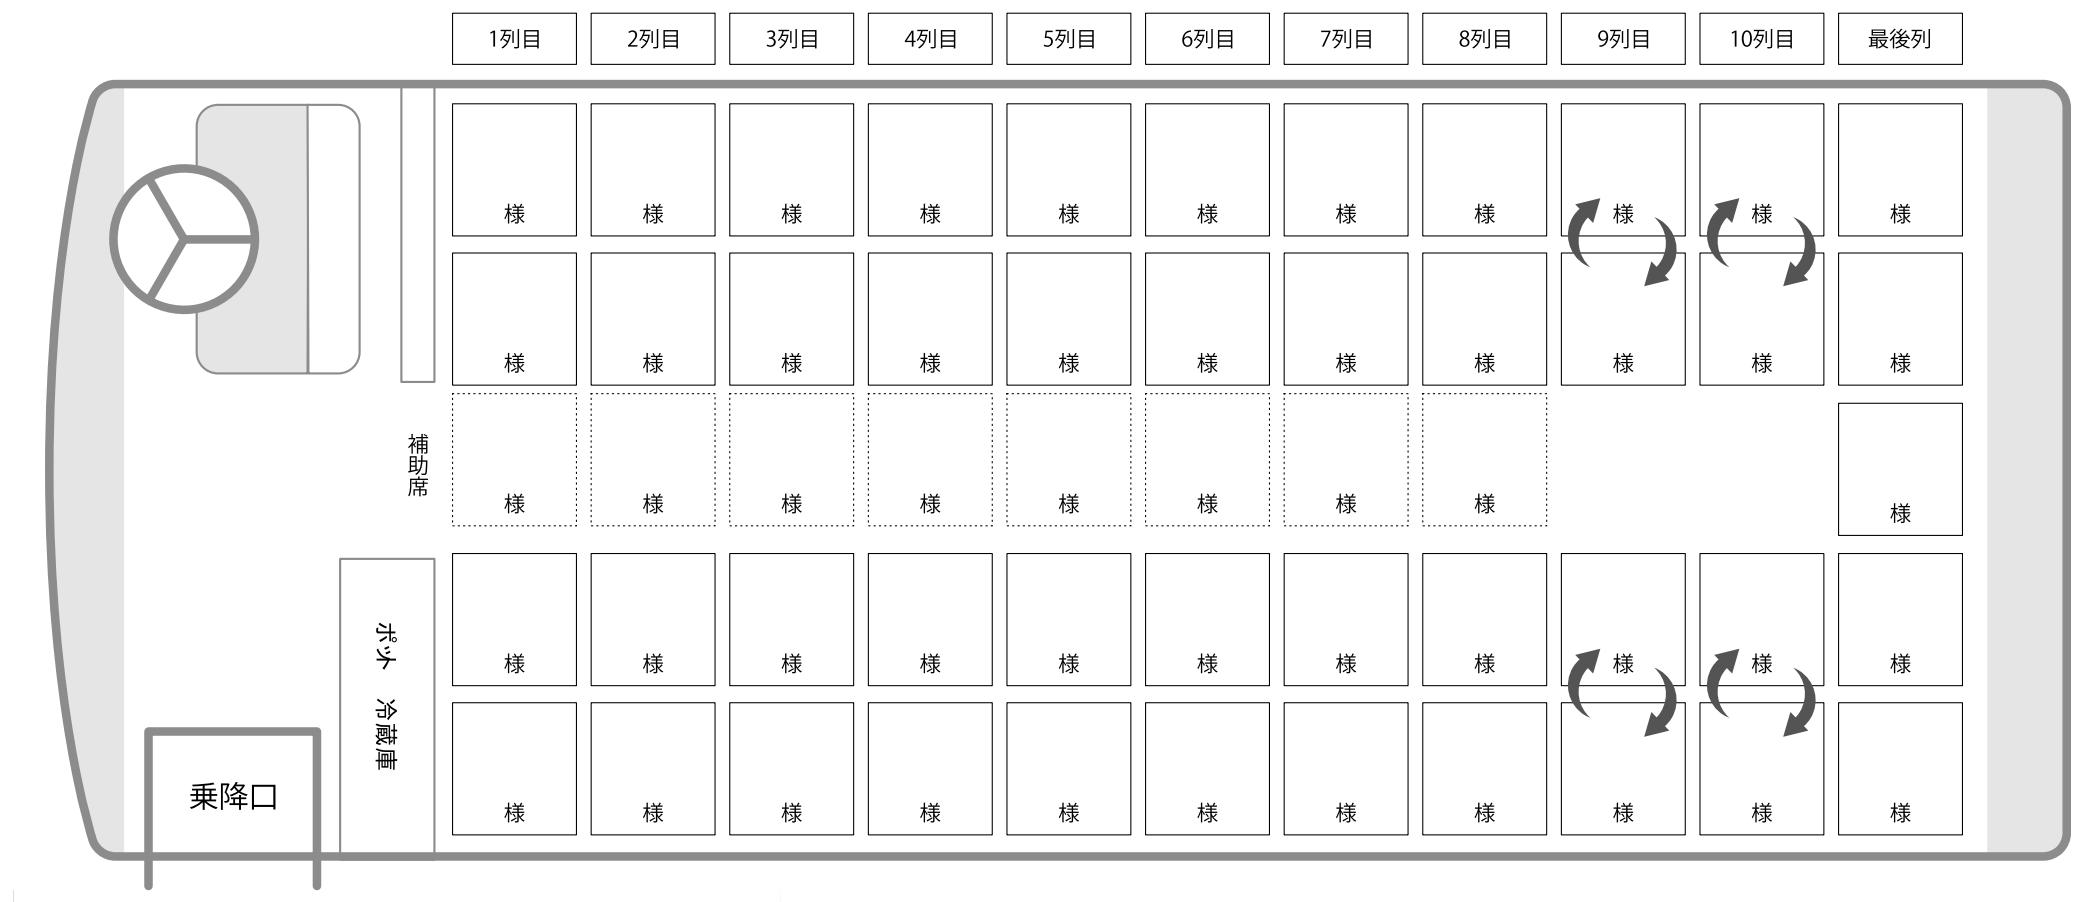 アリーナエクセルクルーズ座席表